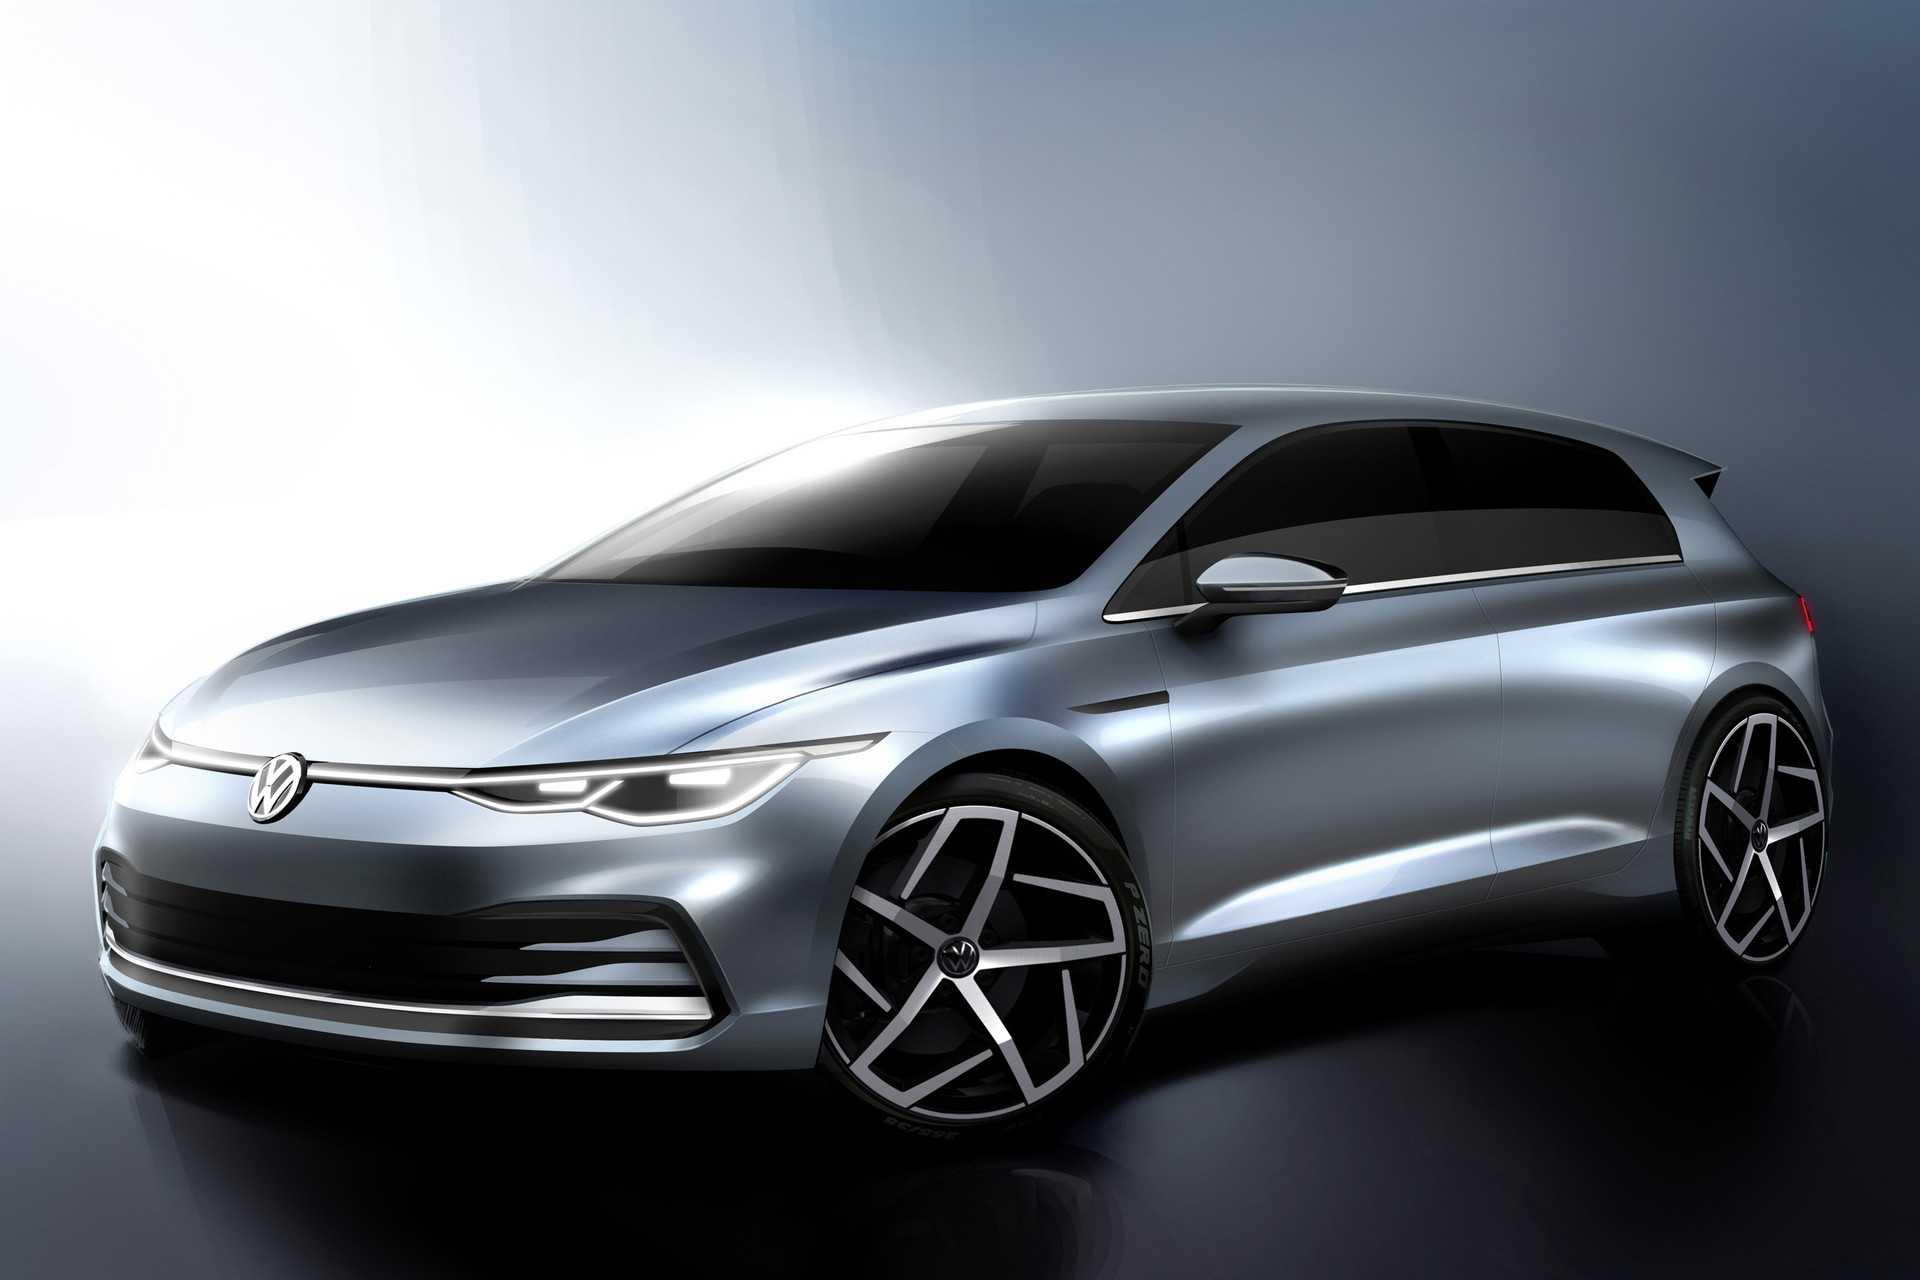 Volkswagen golf 2020 года — популярный хэтчбек в новом обличье с инновационным оборудованием